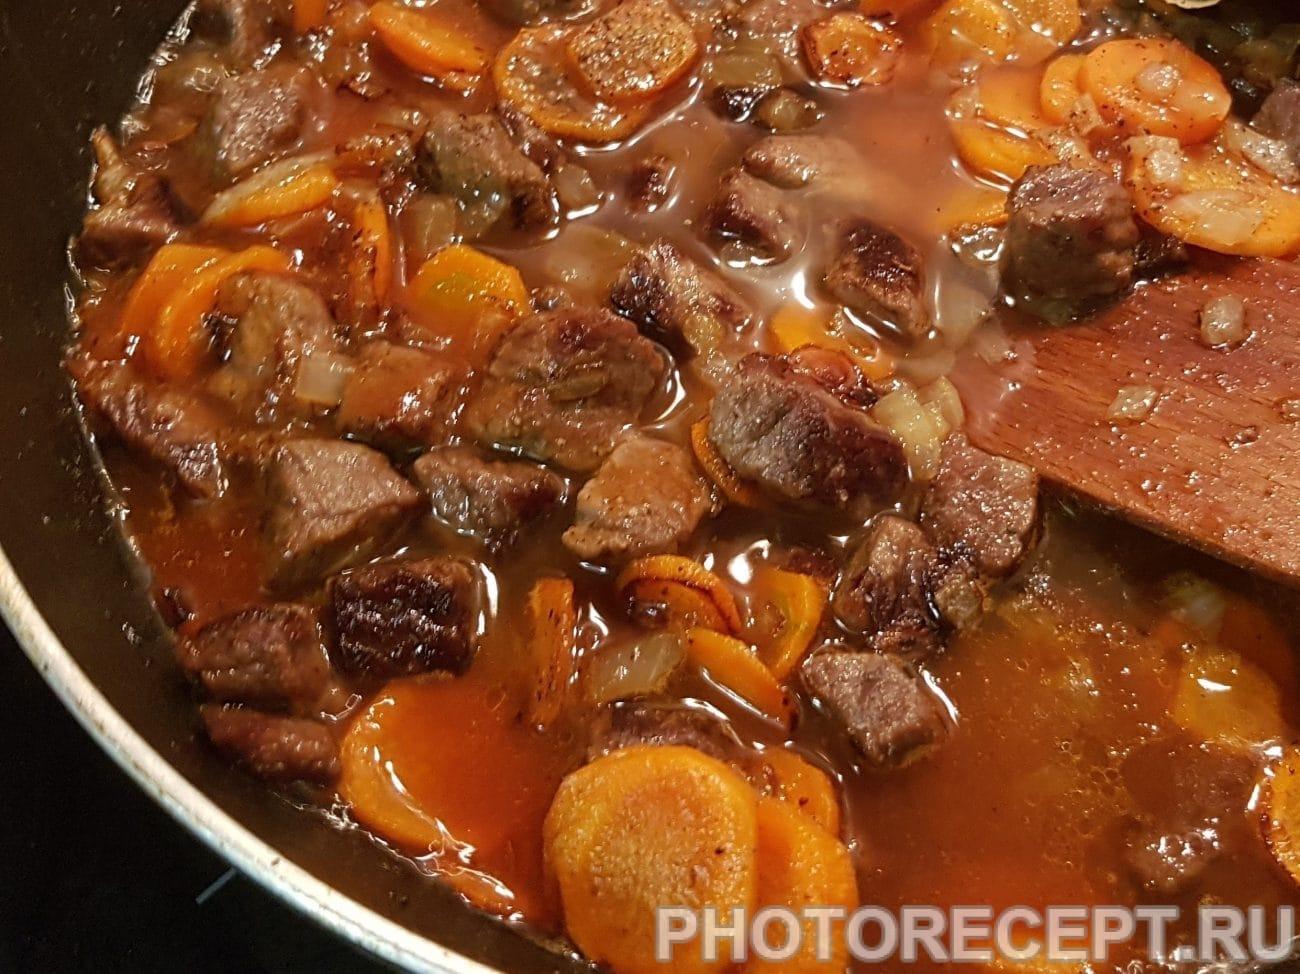 Подлив к гречке без мяса пошаговый рецепт